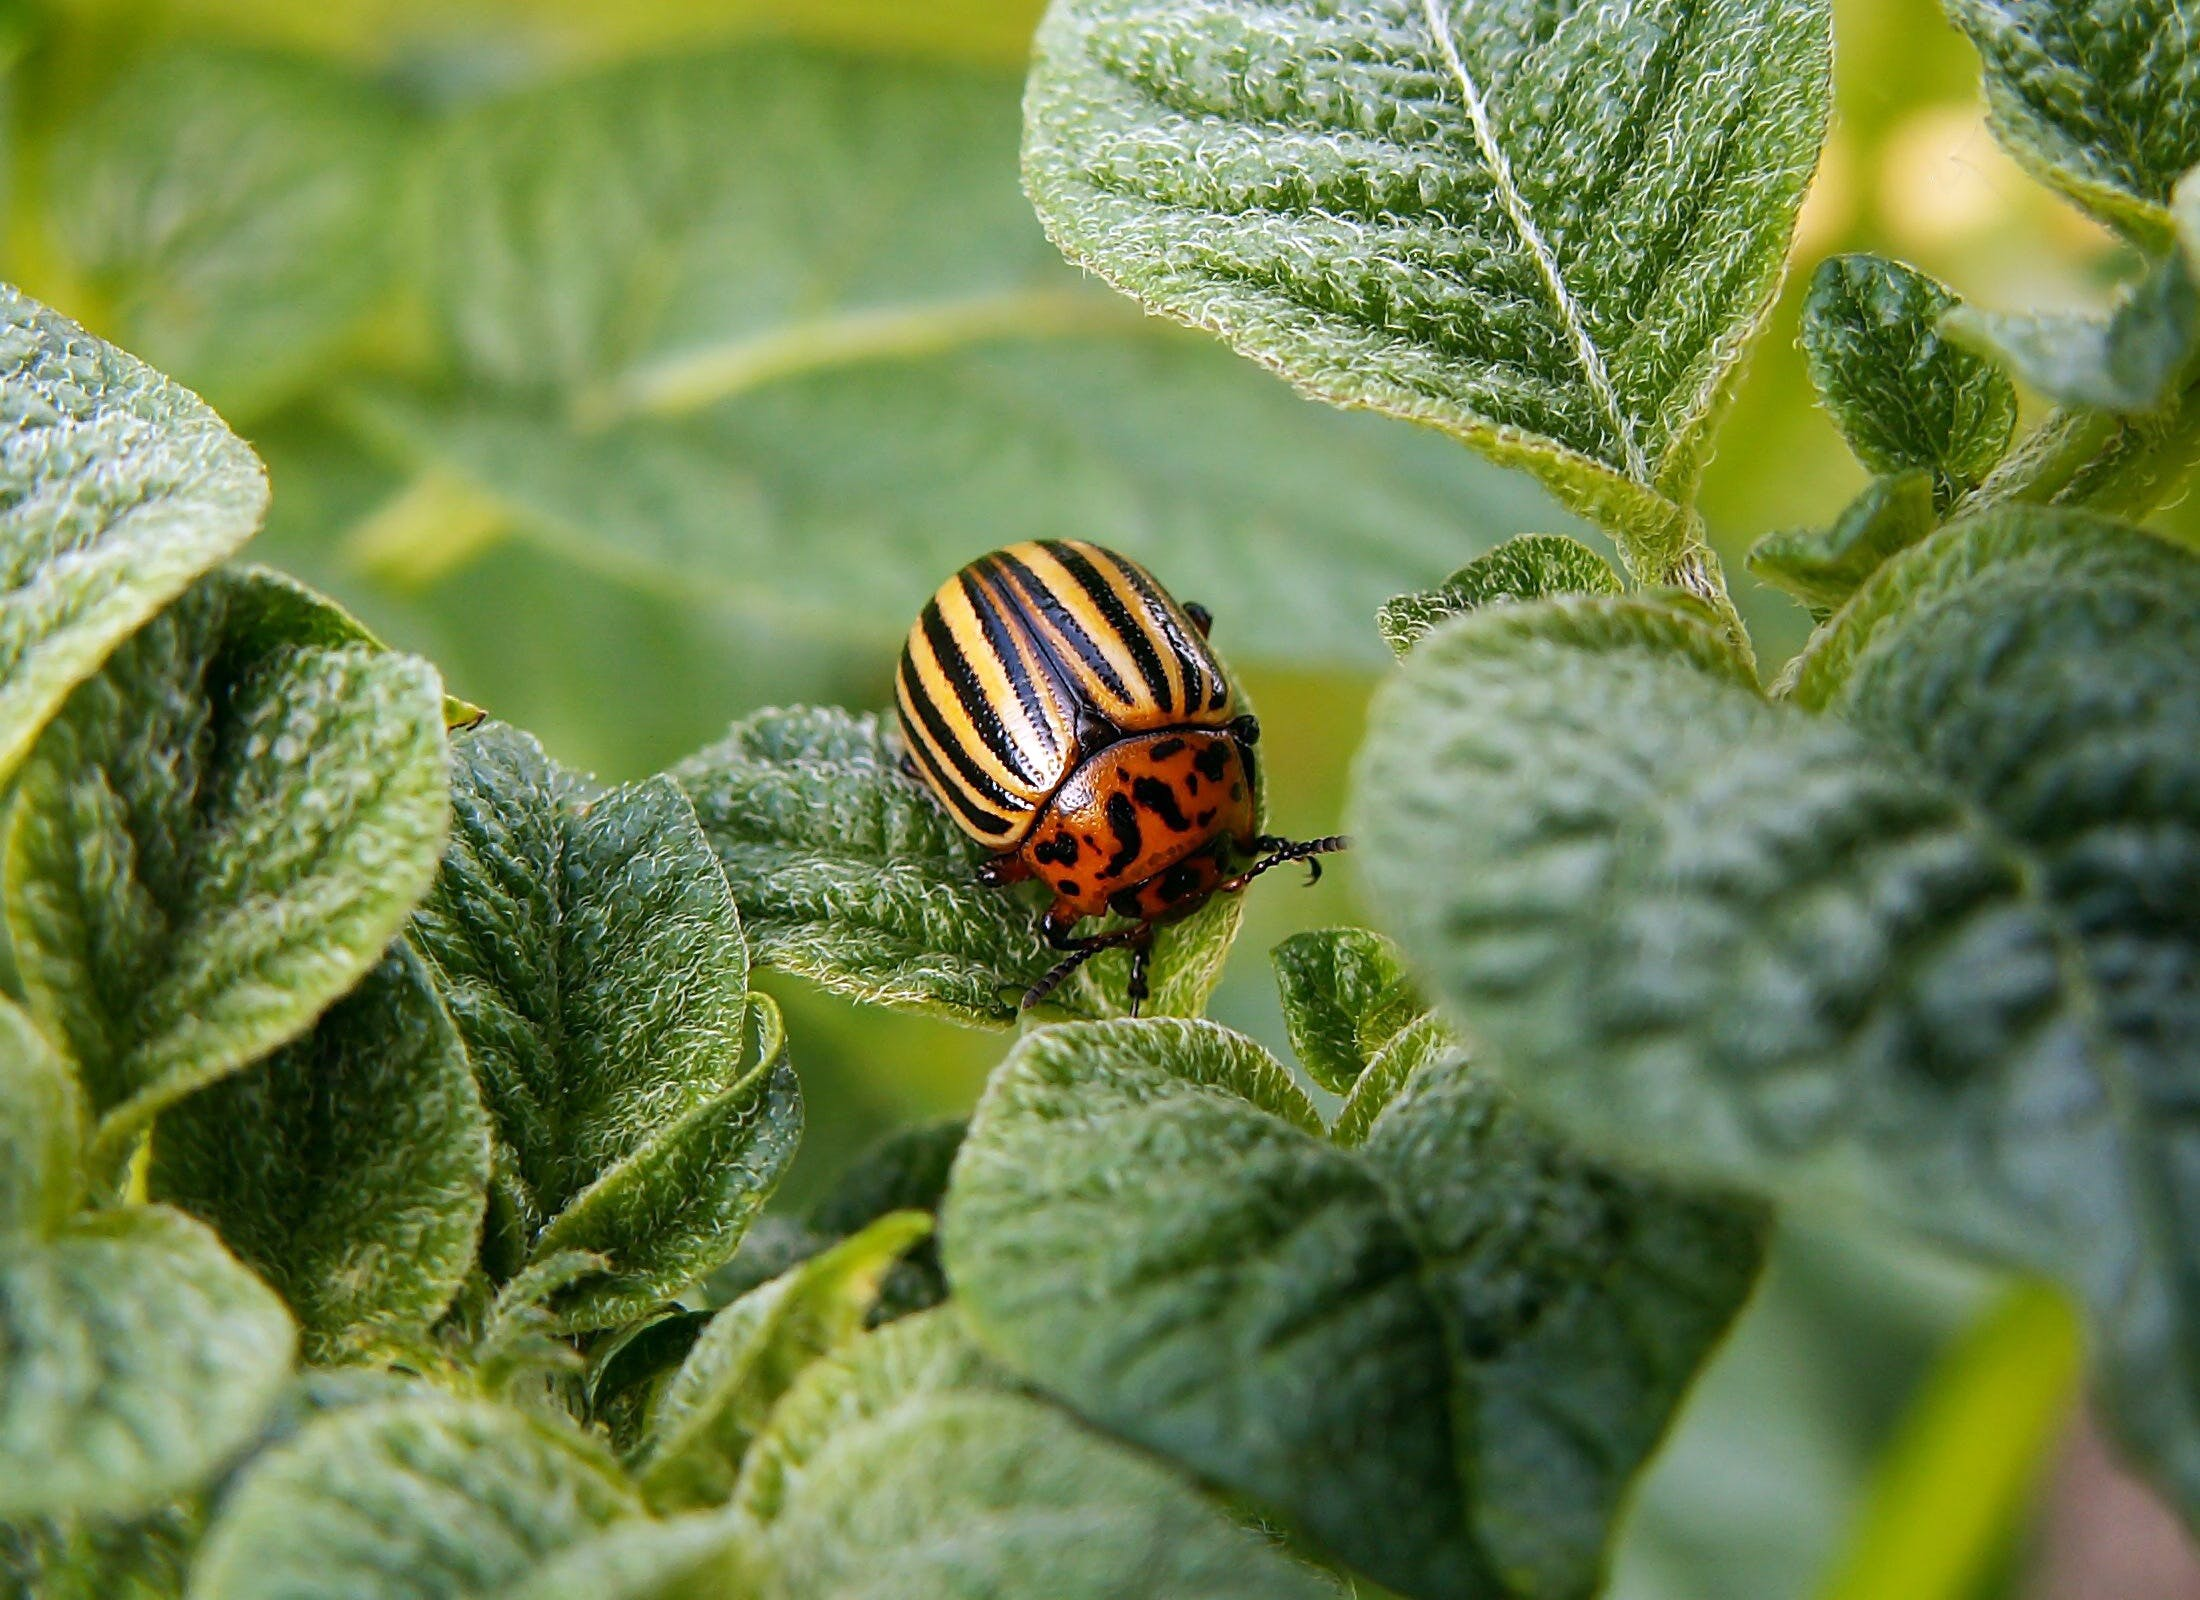 Orange and Yellow Bug on Leaf